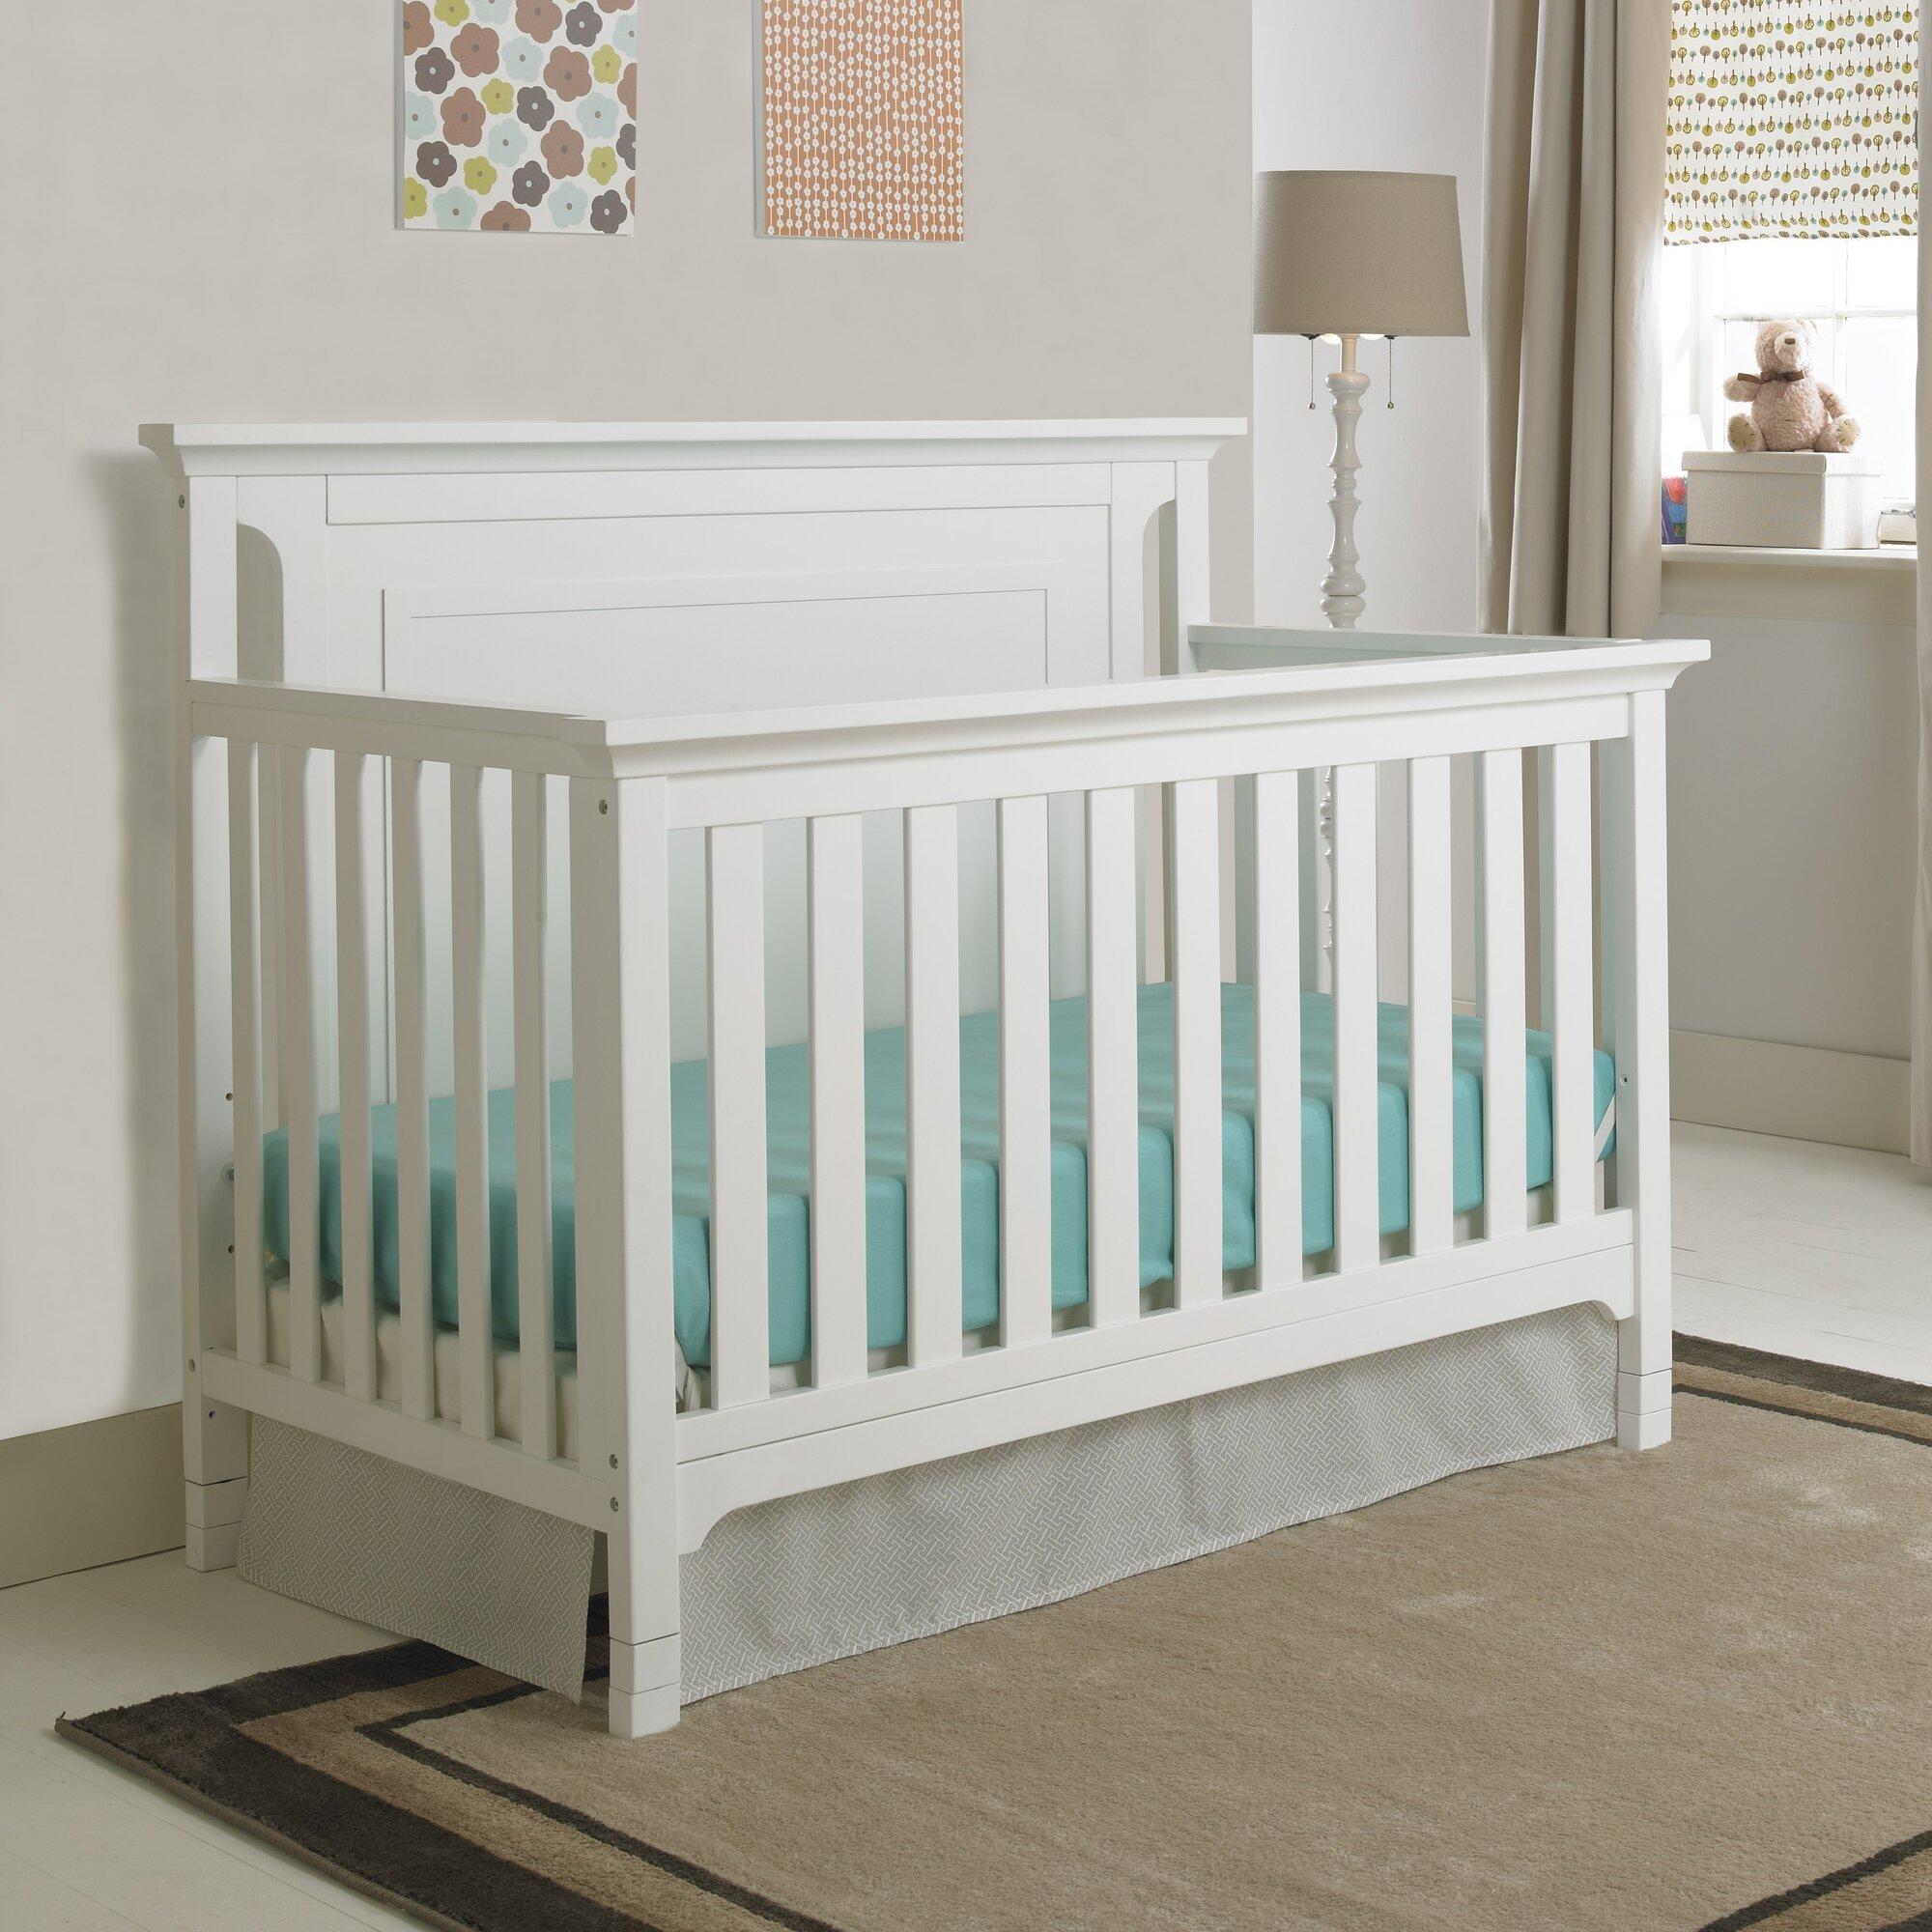 Crib for sale sulit com - Carino 4in1 Convertible Crib